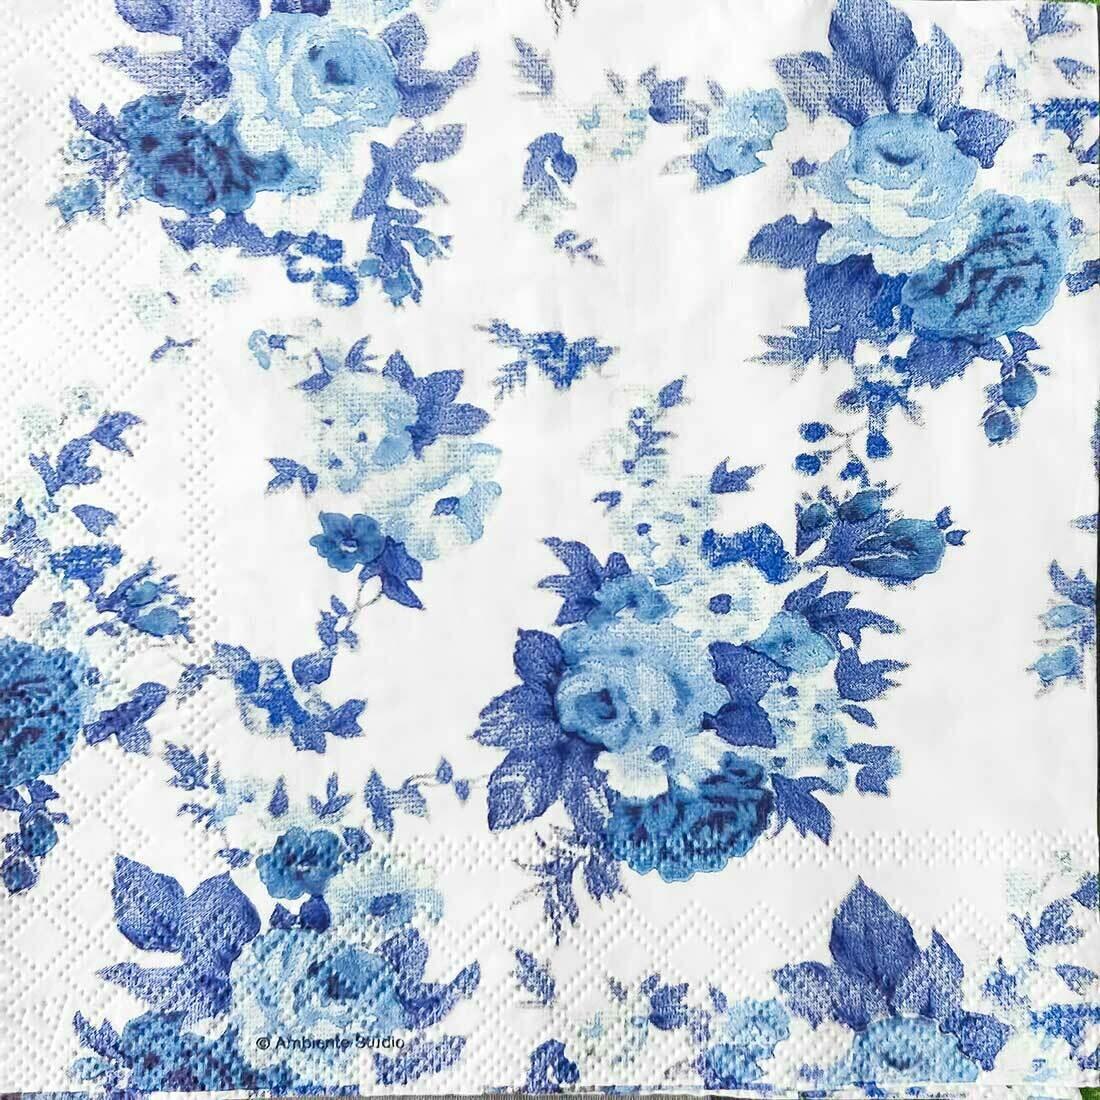 Decoupage Paper Napkins - Floral Blue Antoinette 13x13 (1 Sheet)